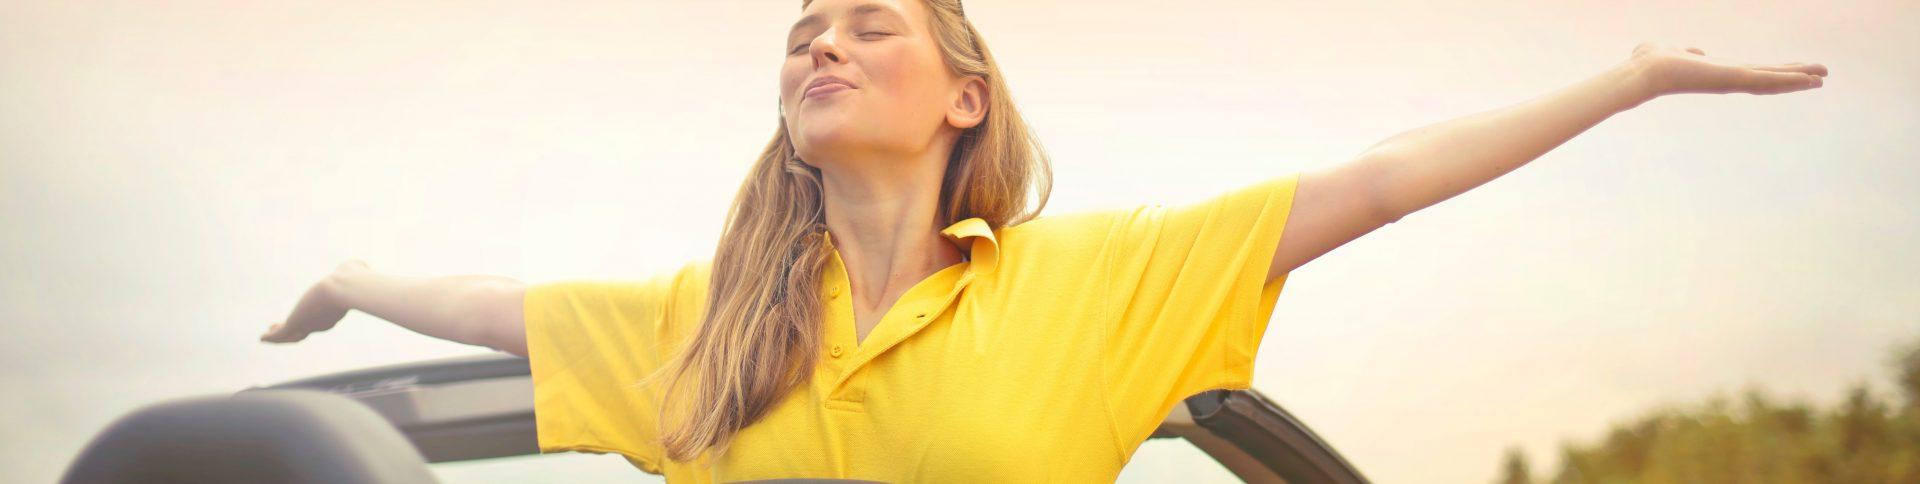 Wir begegnen unseren Kundinnen und Kunden mit einer positiven, vorurteilsfreien Haltung. Sie sollen sich bei uns wohl fühlen.